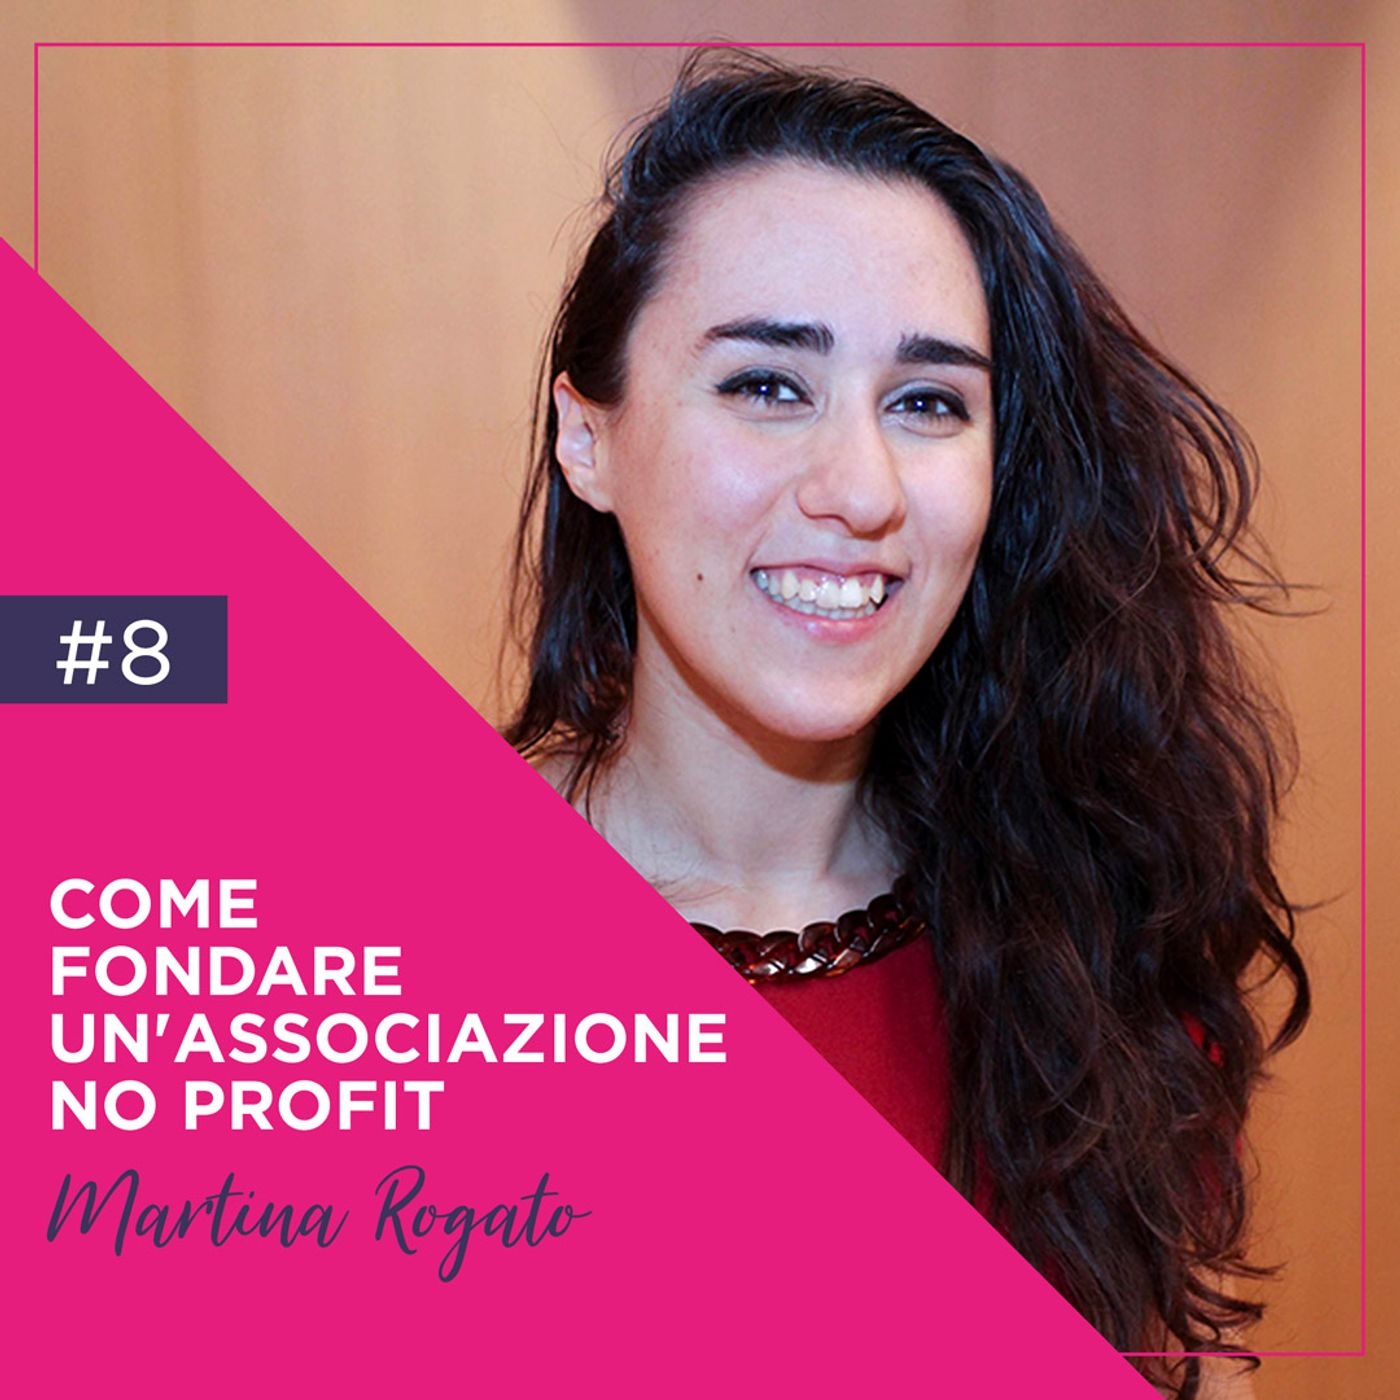 Come Fondare un'Associazione No Profit con Martina Rogato